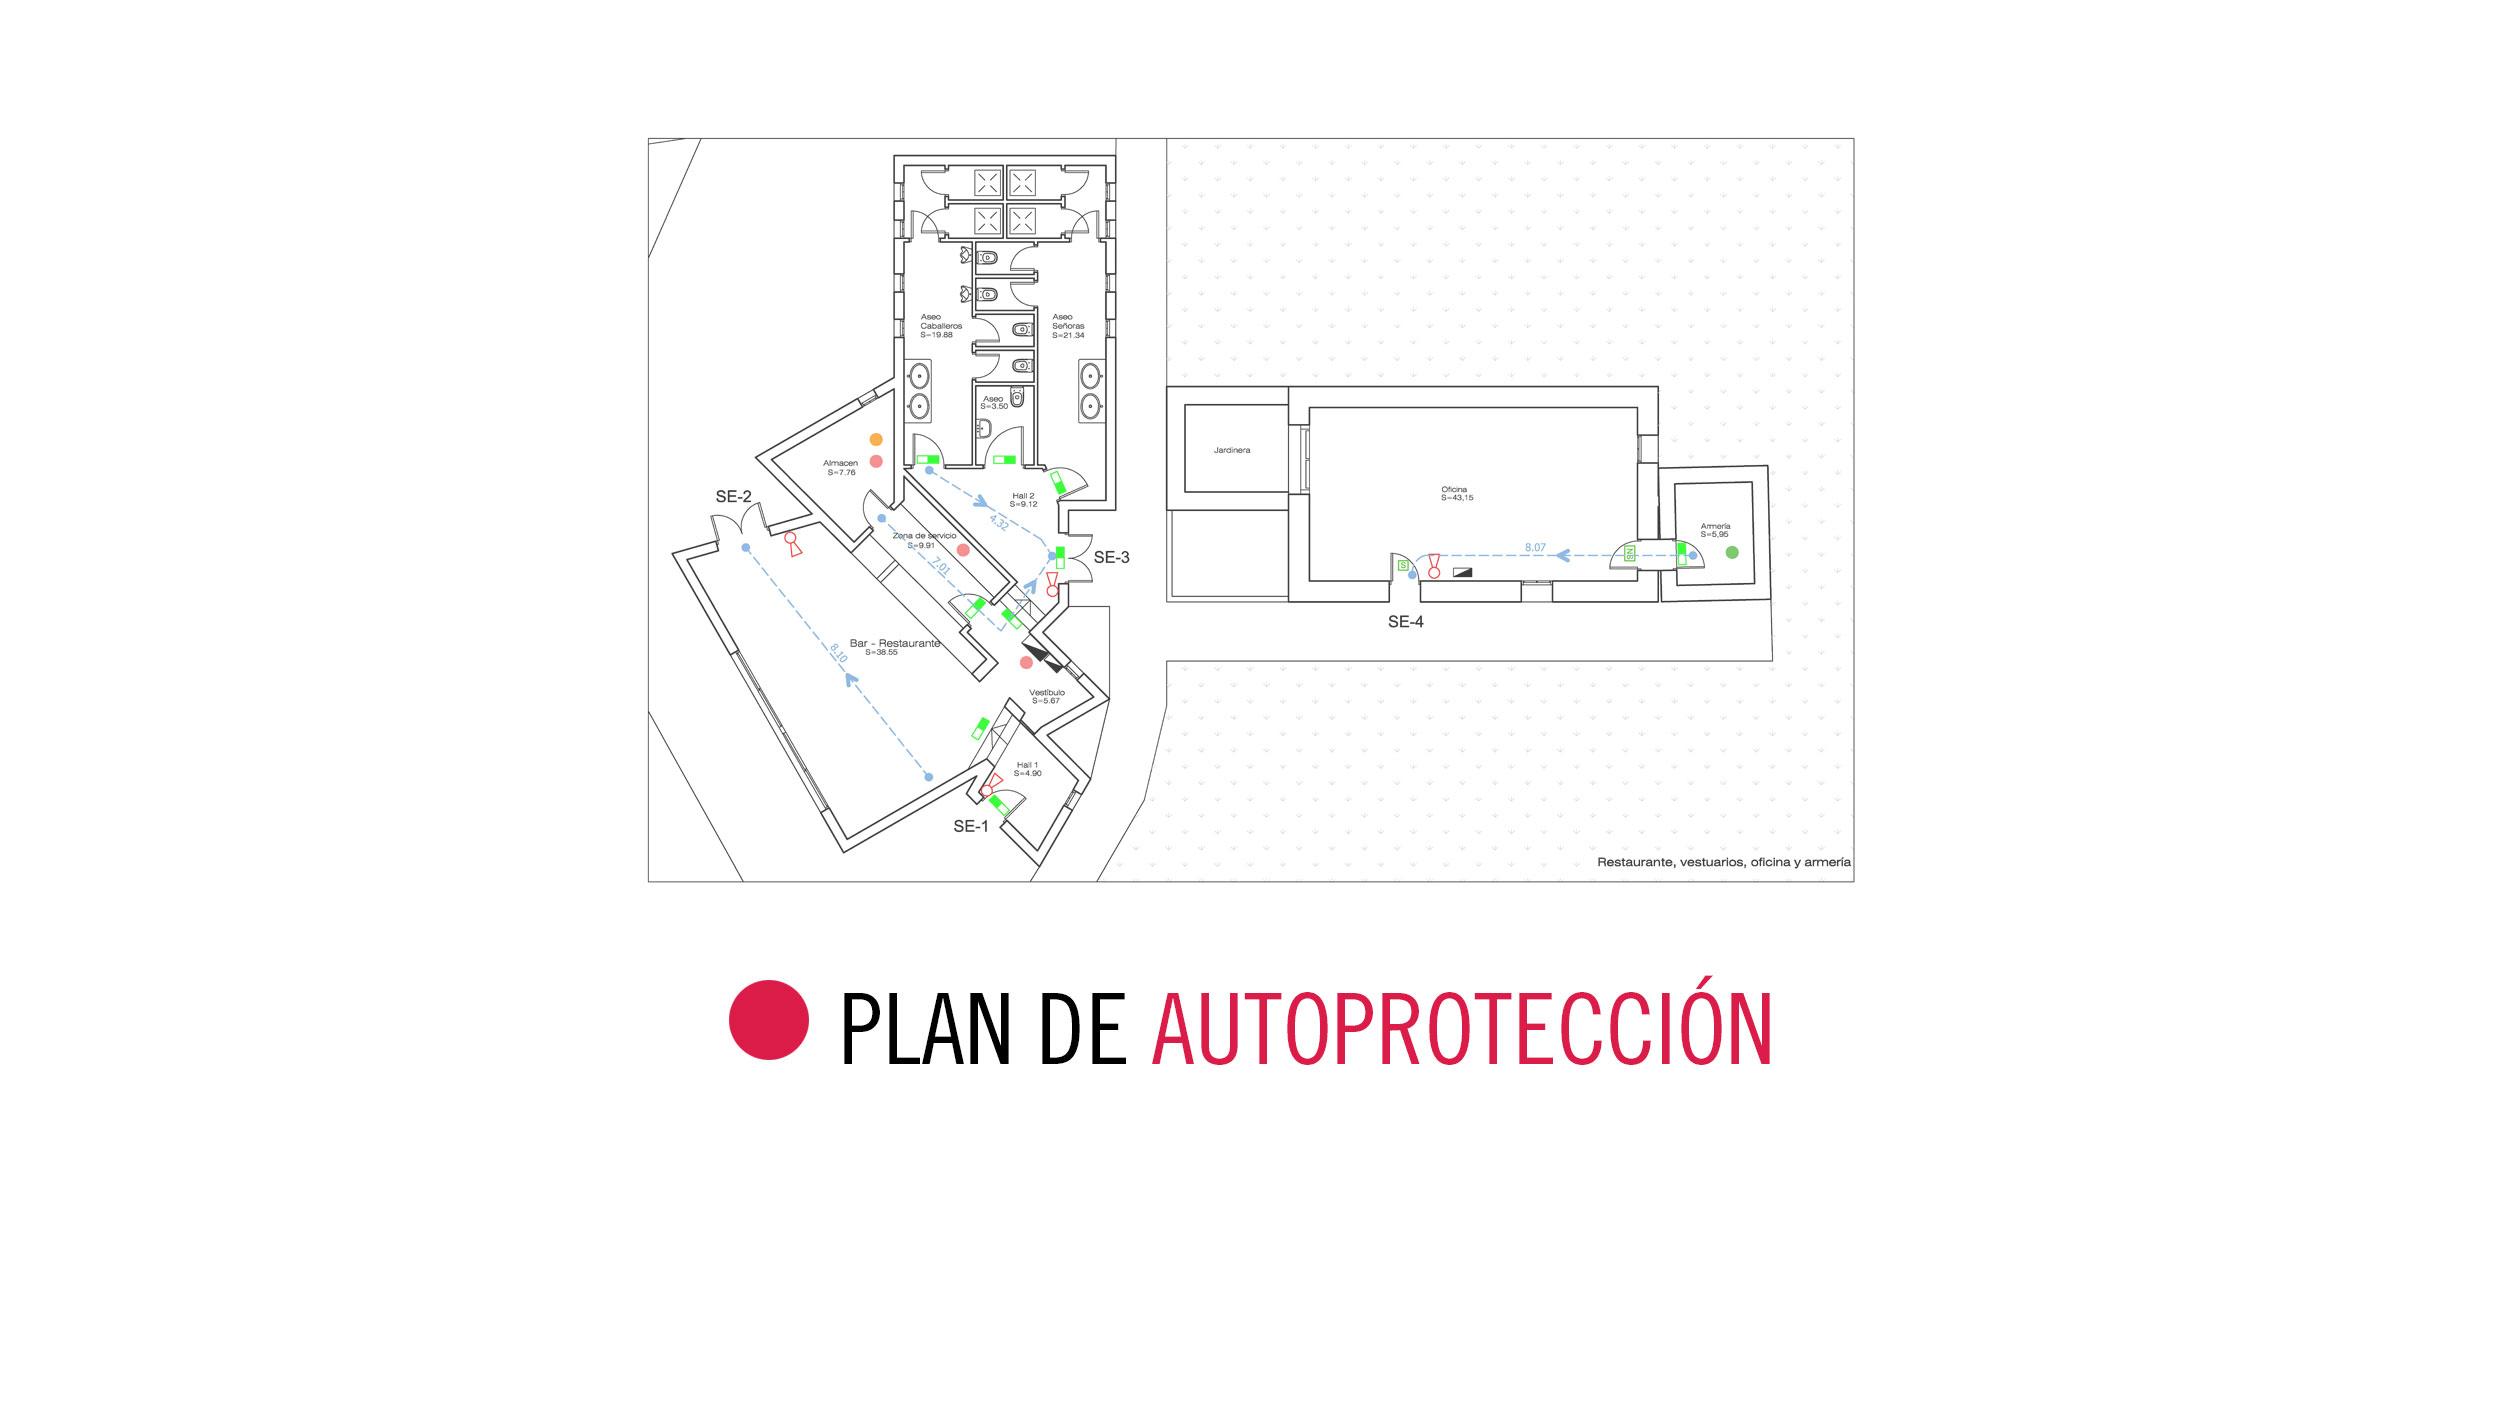 PLAN DE AUTOPROTECCIÓN PARA CAMPO DE TIRO en Arona